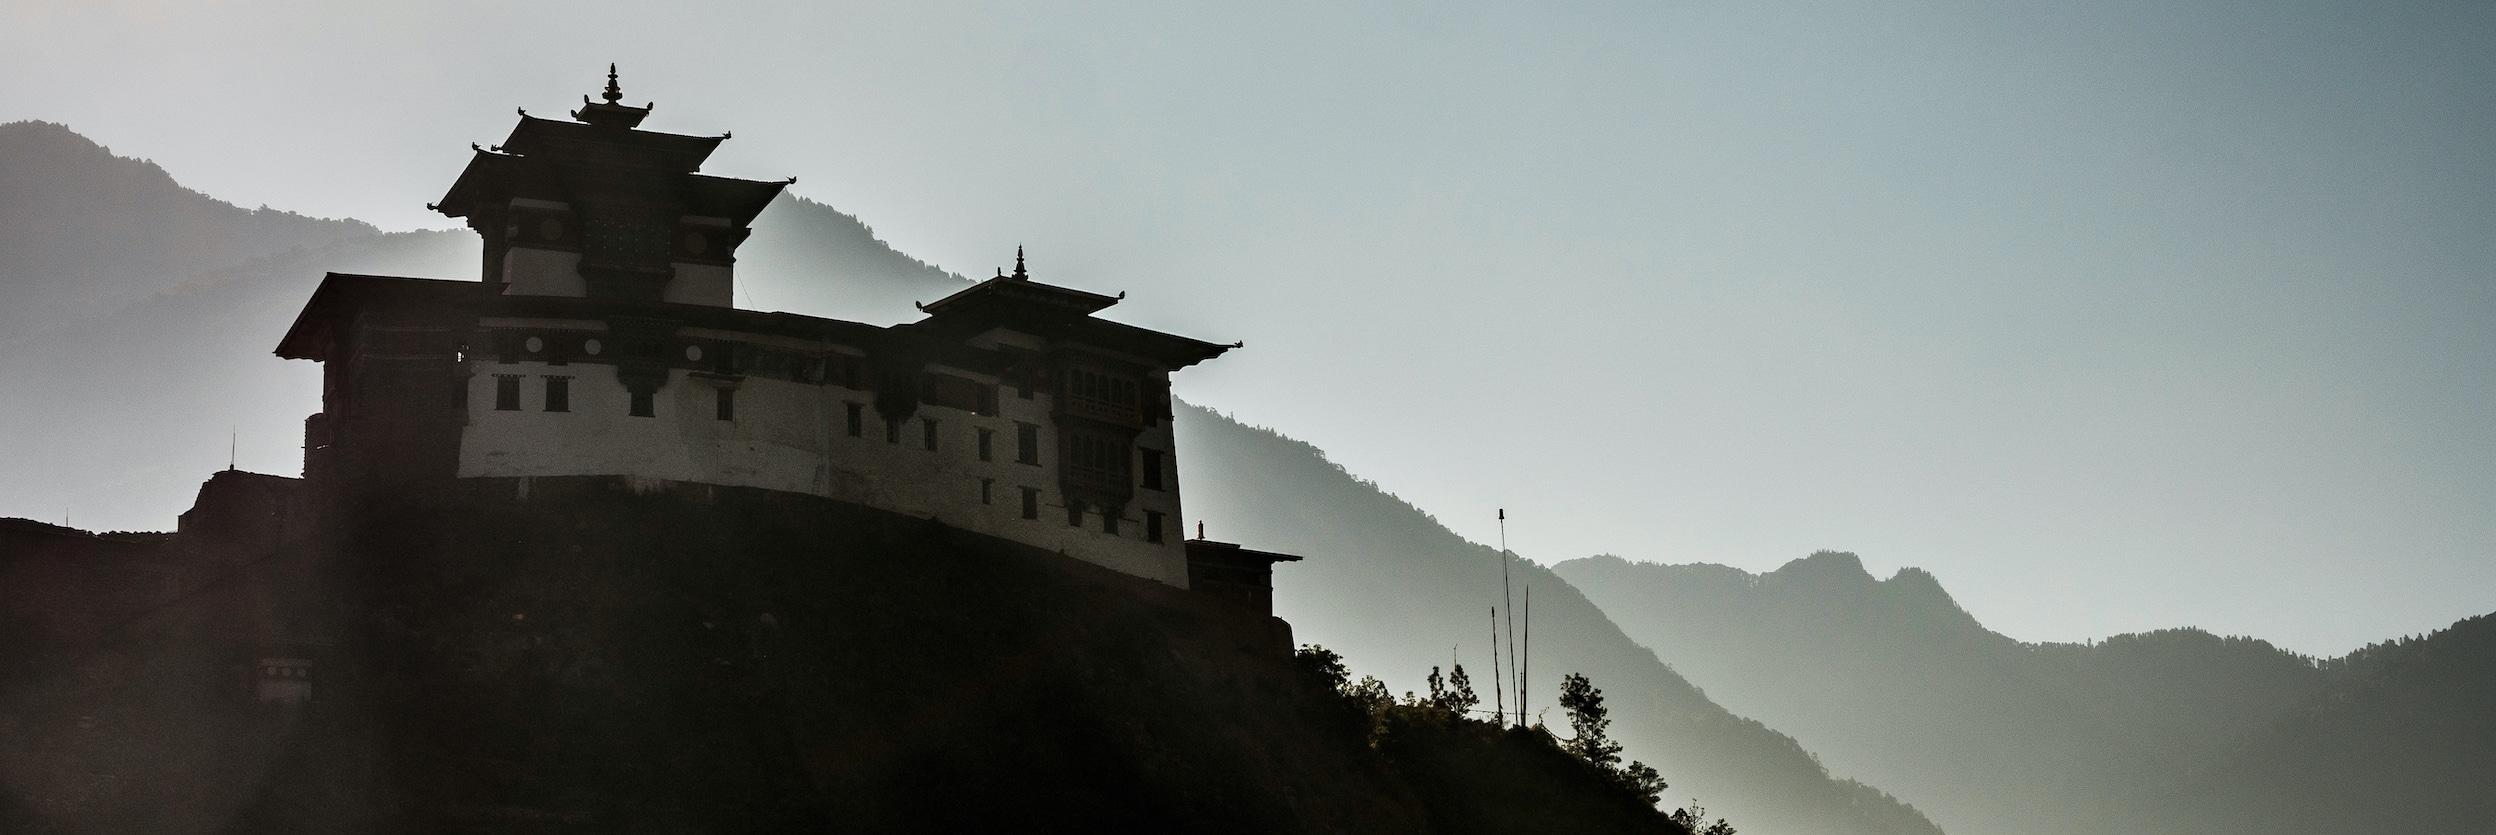 Mountain bike tours, Bhutan monastery